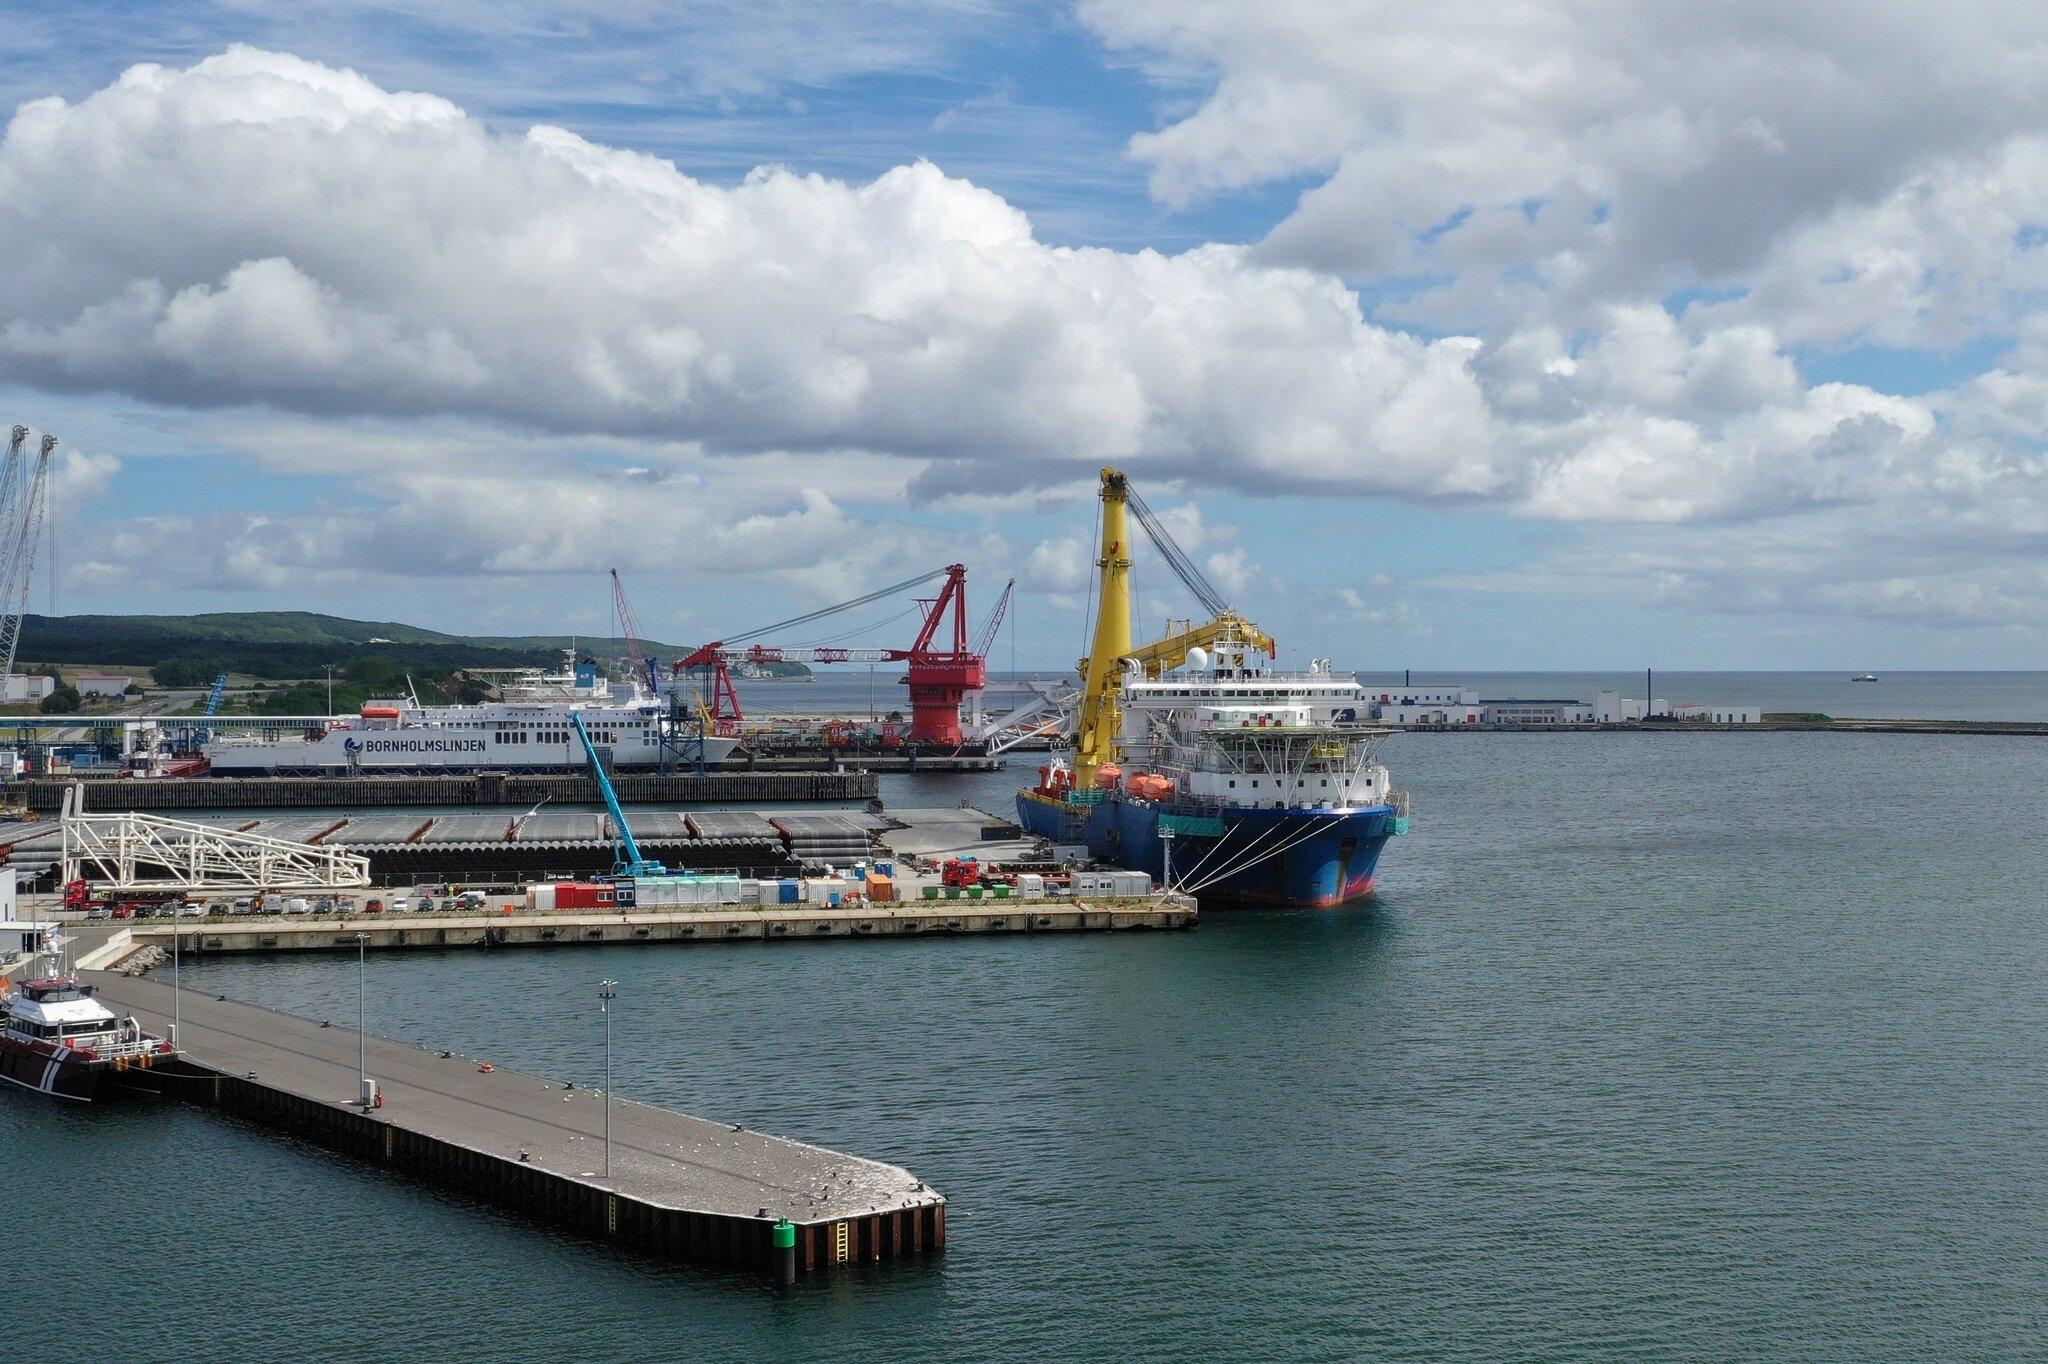 سفينة مد أنابيب الغاز الروسية أكاديميك تشيرسكي